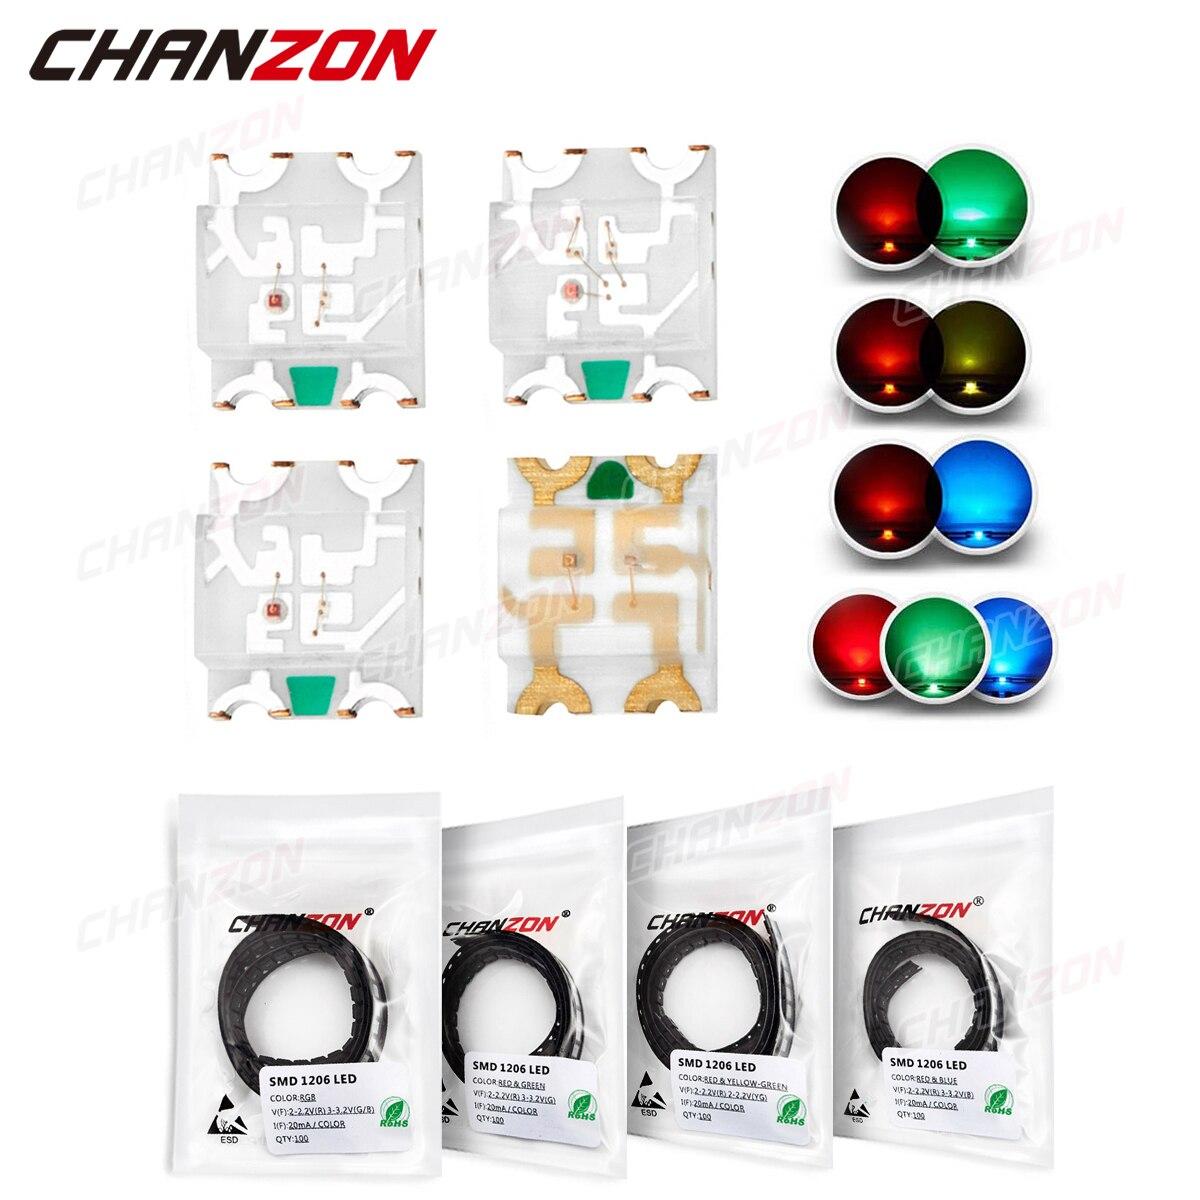 100 шт. 1206 SMD светодиодные излучающие диоды, чип лампы, светильник вые бусины, красный, зеленый, желтый, синий, двухцветный RGB, многоцветный общи...